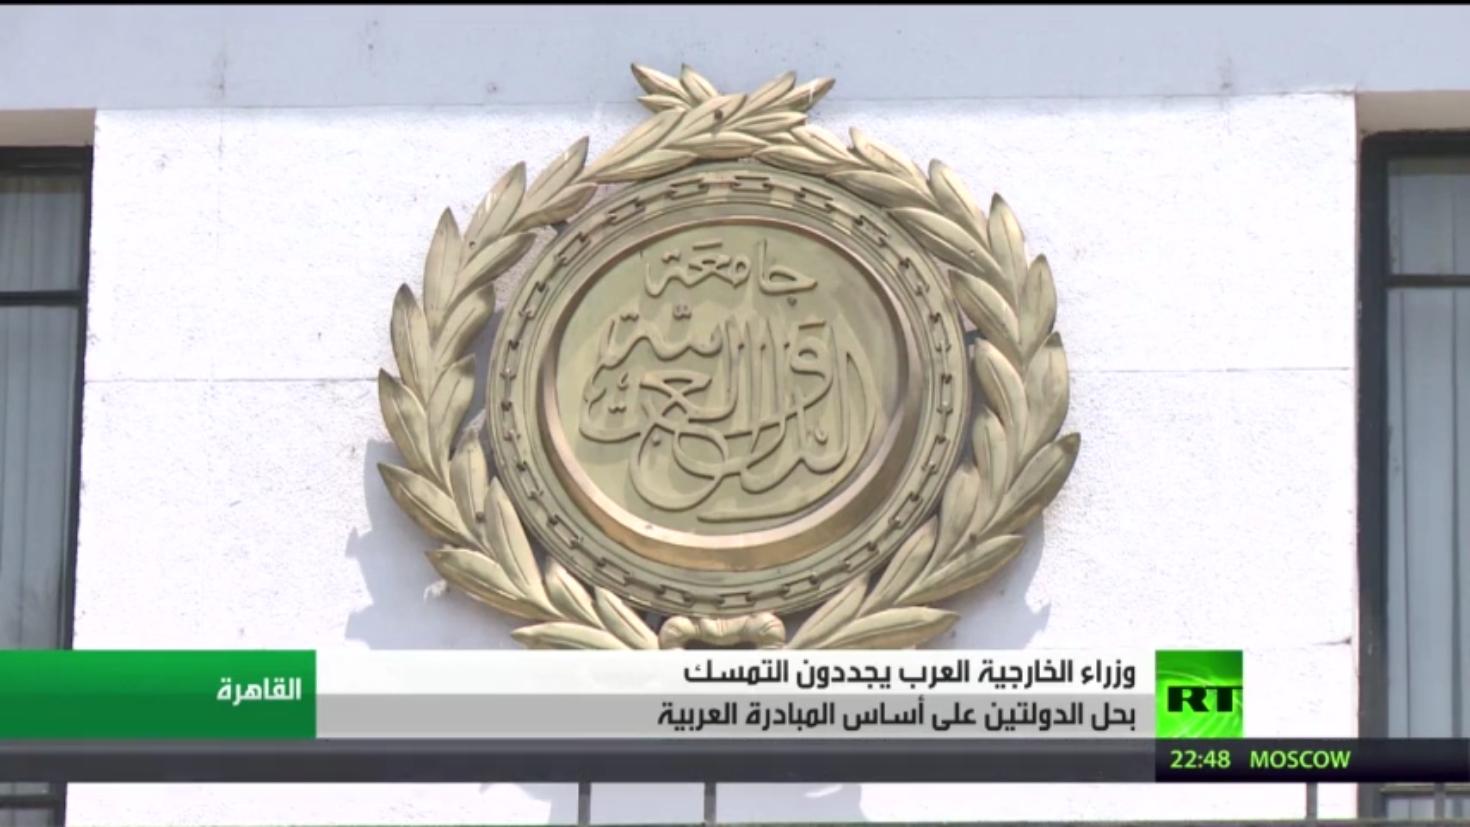 اجتماع وزراء الخارجية العرب الطارئ بالقاهرة